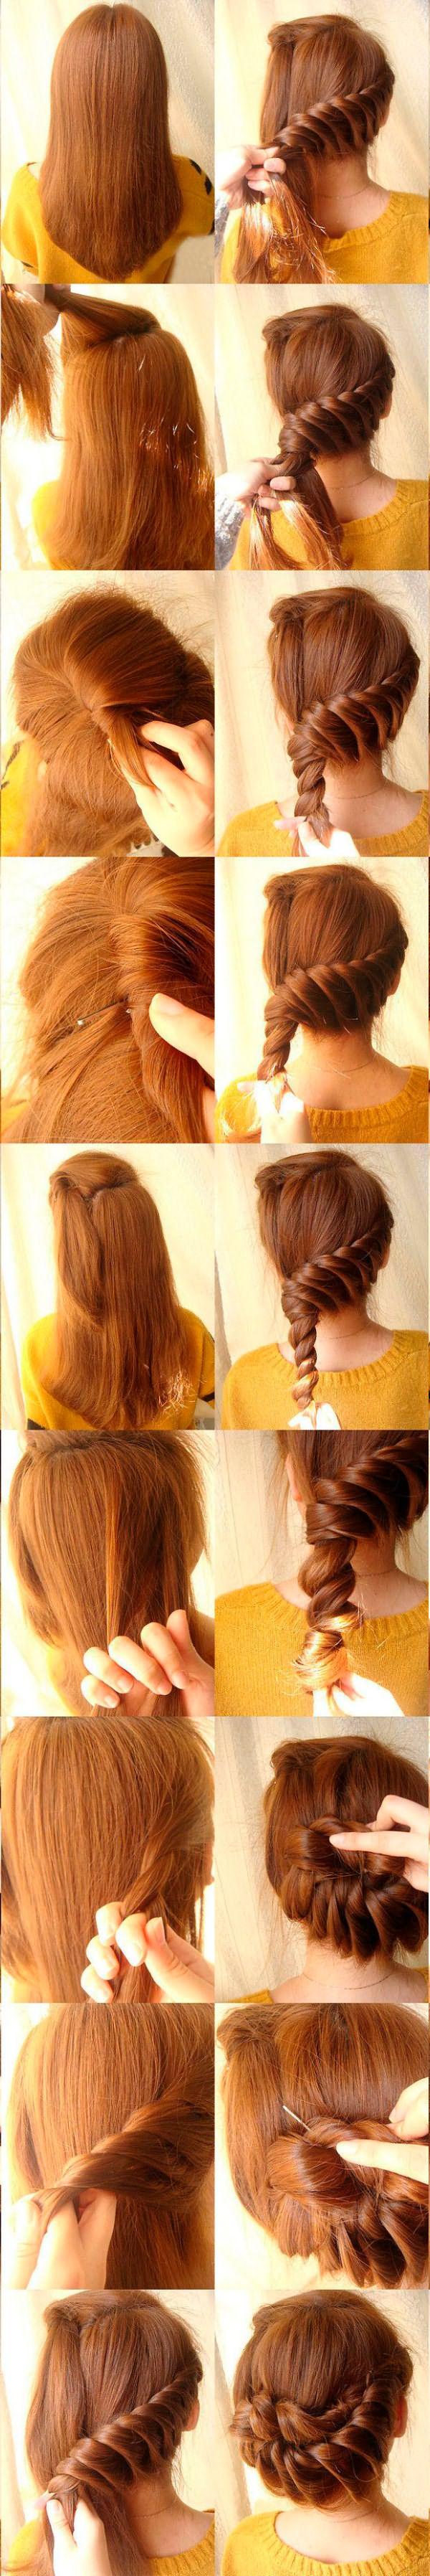 Круговая коса